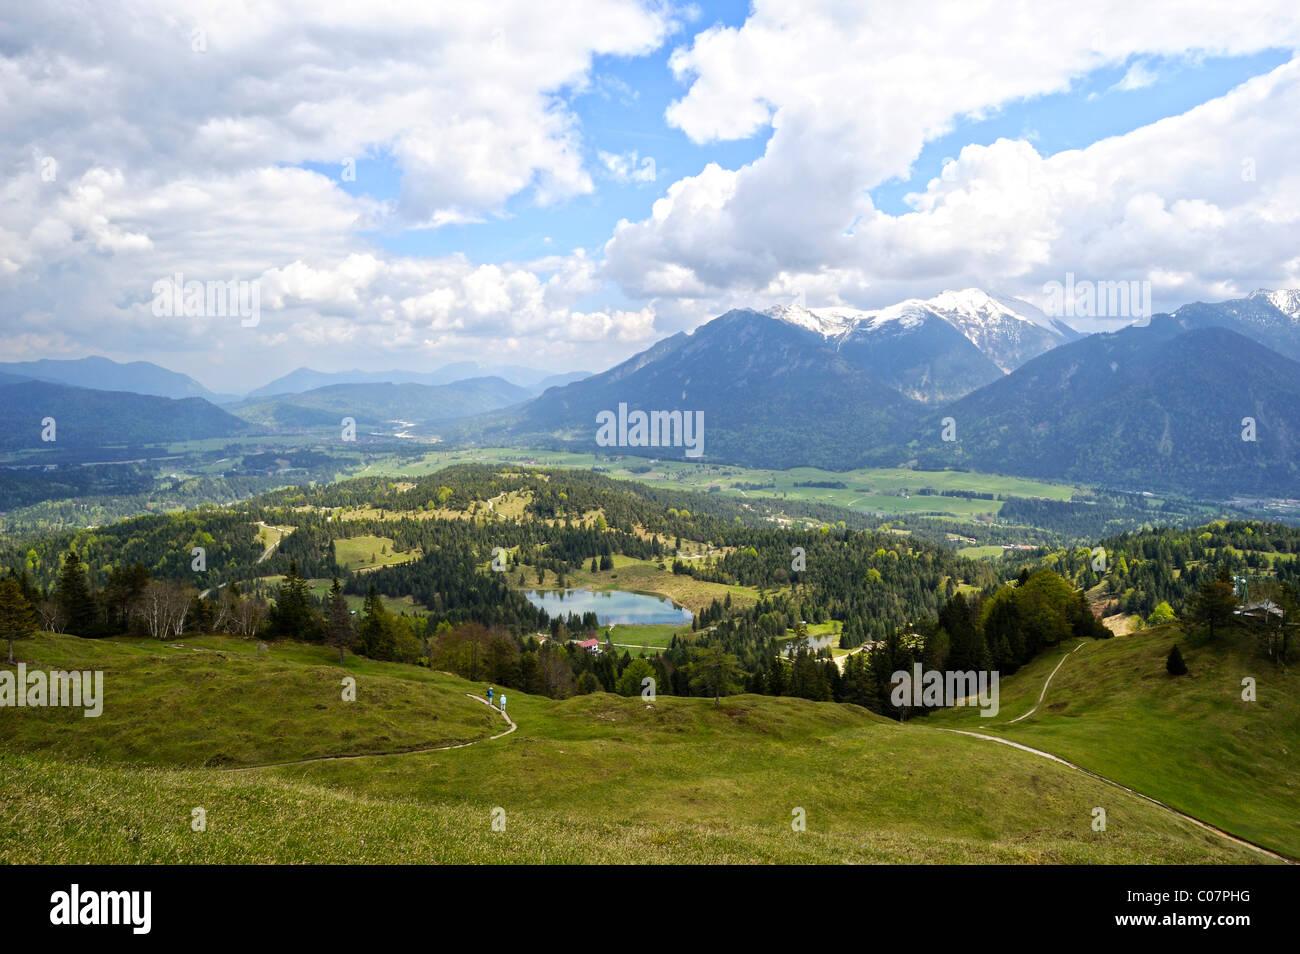 Vista dalla montagna di Kranzberg sul lago Wildensee, Estergebirge mountain range con Heimgarten e montagne Herzogstand Immagini Stock